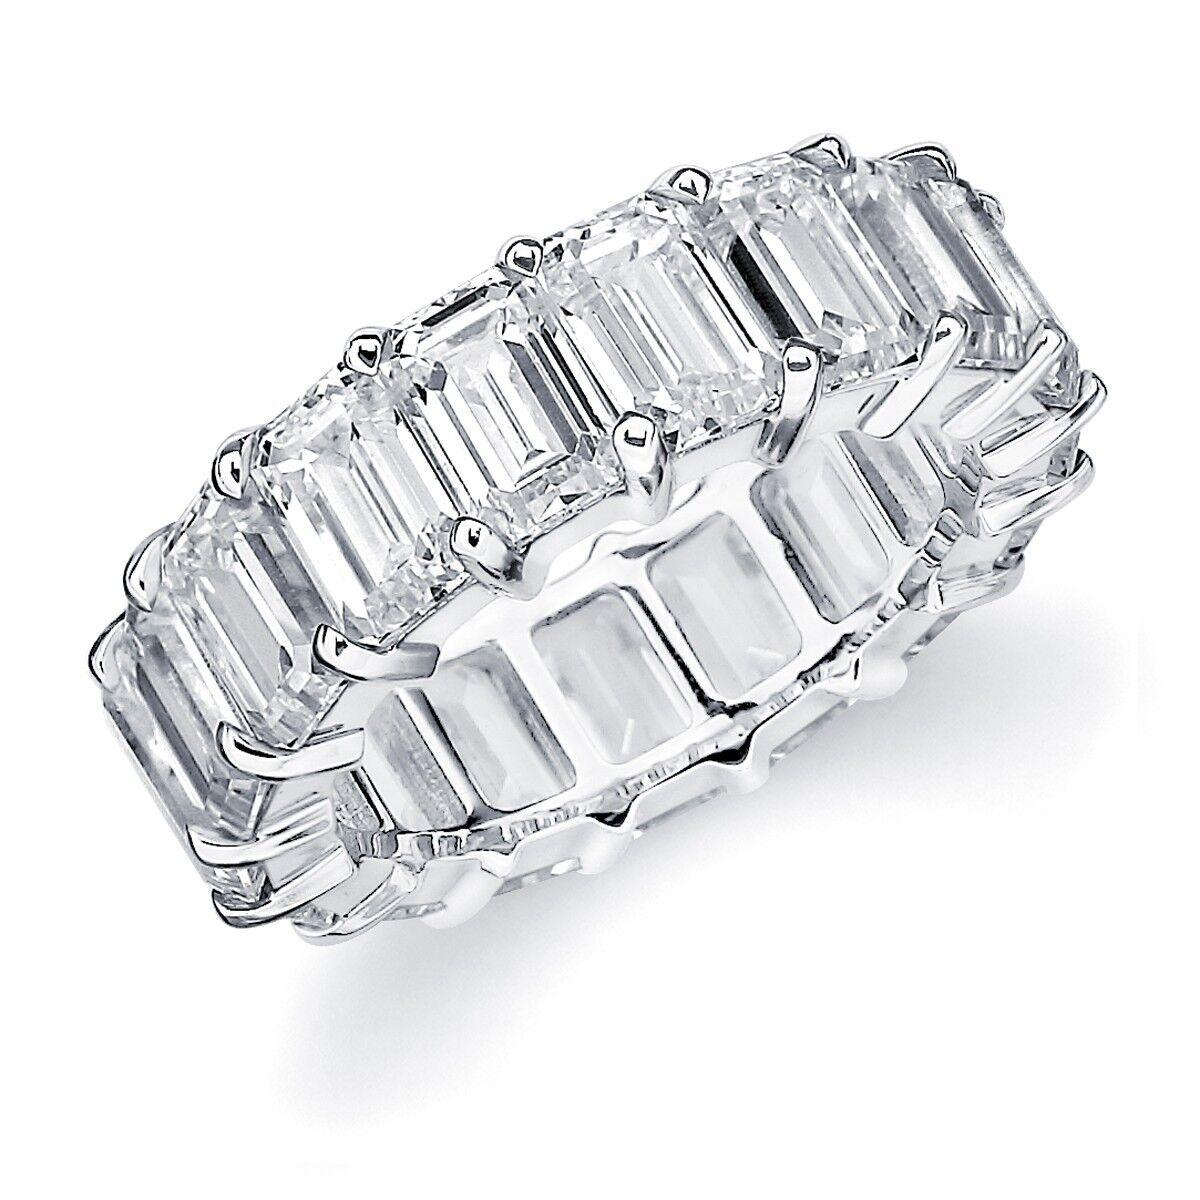 Stile Classico Taglio Taglio Taglio a Smeraldo Platino Anello Eternity con Diamante 7.25 25d27a